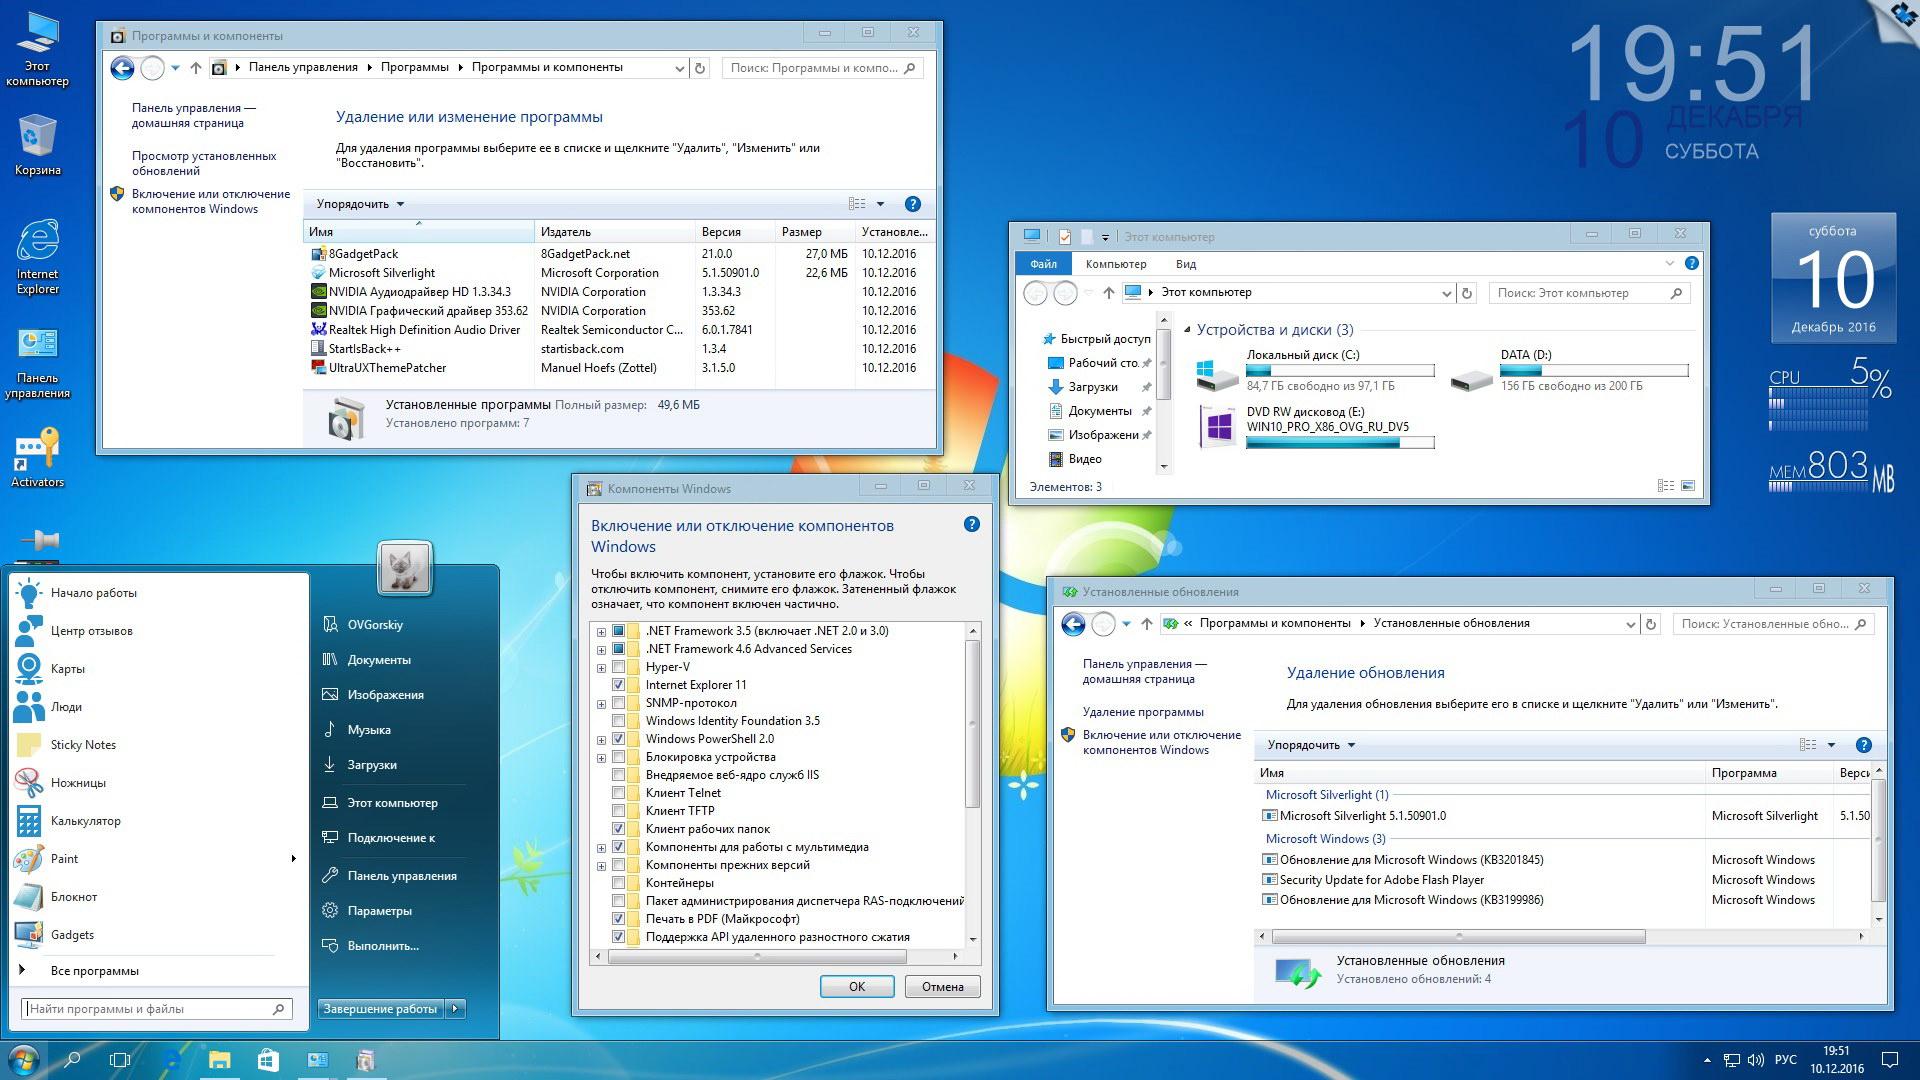 скачать программа для компьютера windows 7